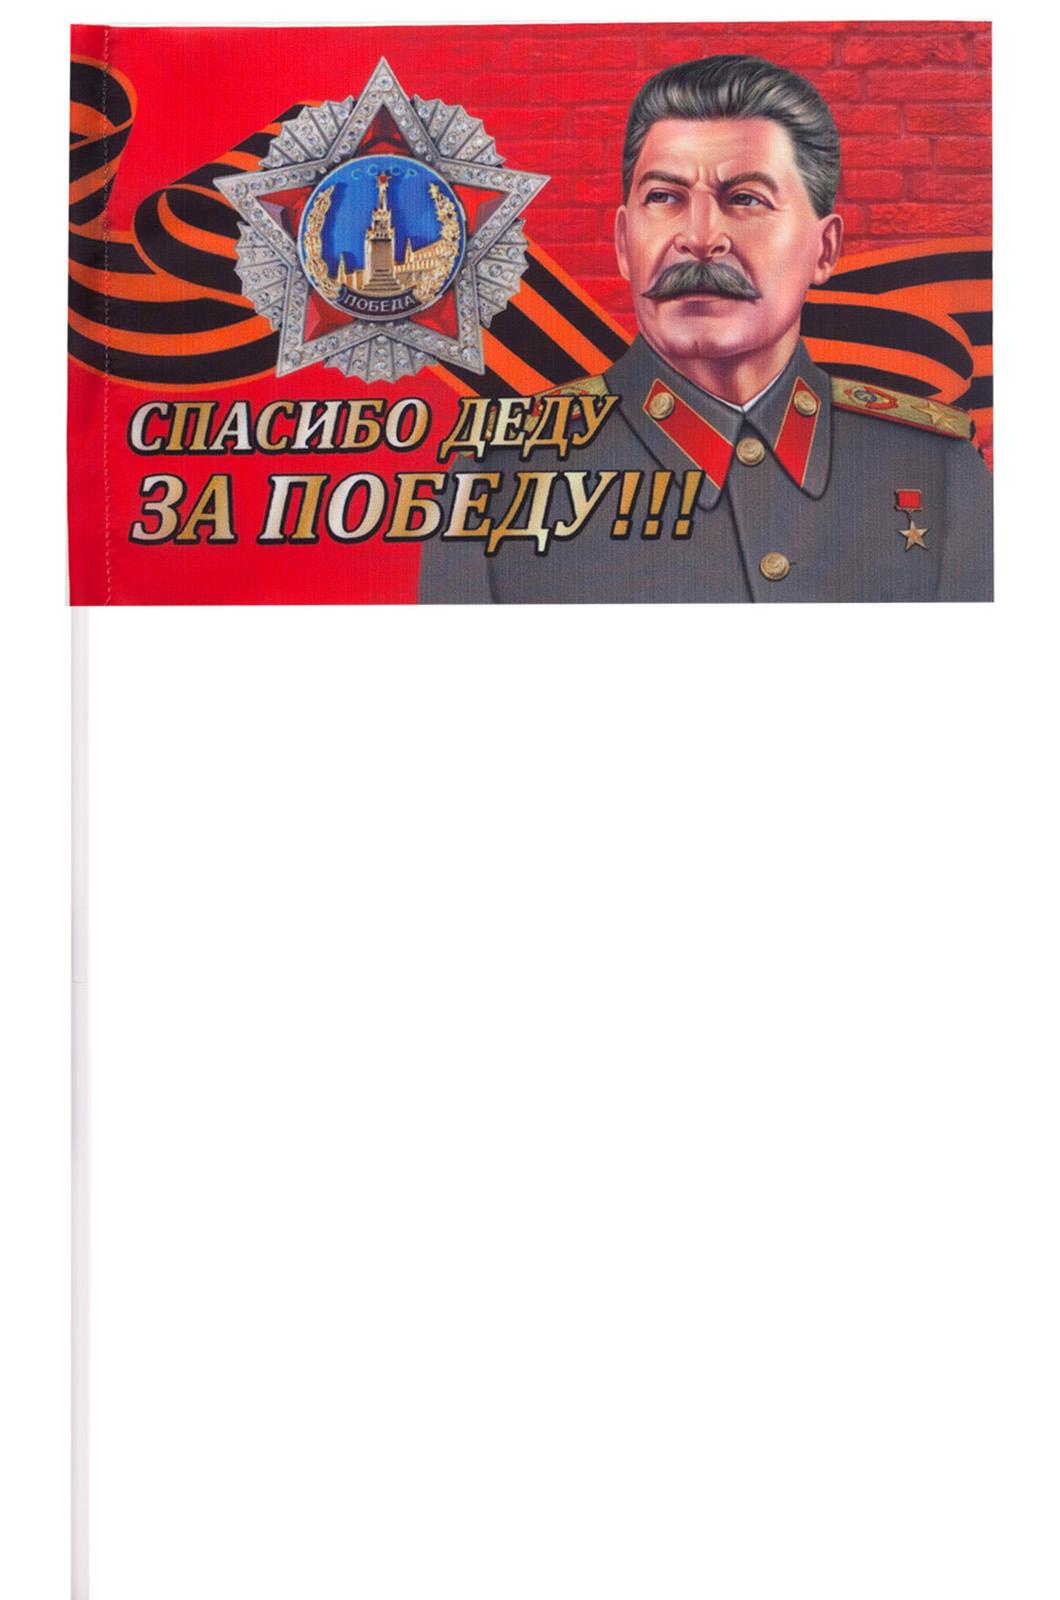 Флажок с портретом Сталина